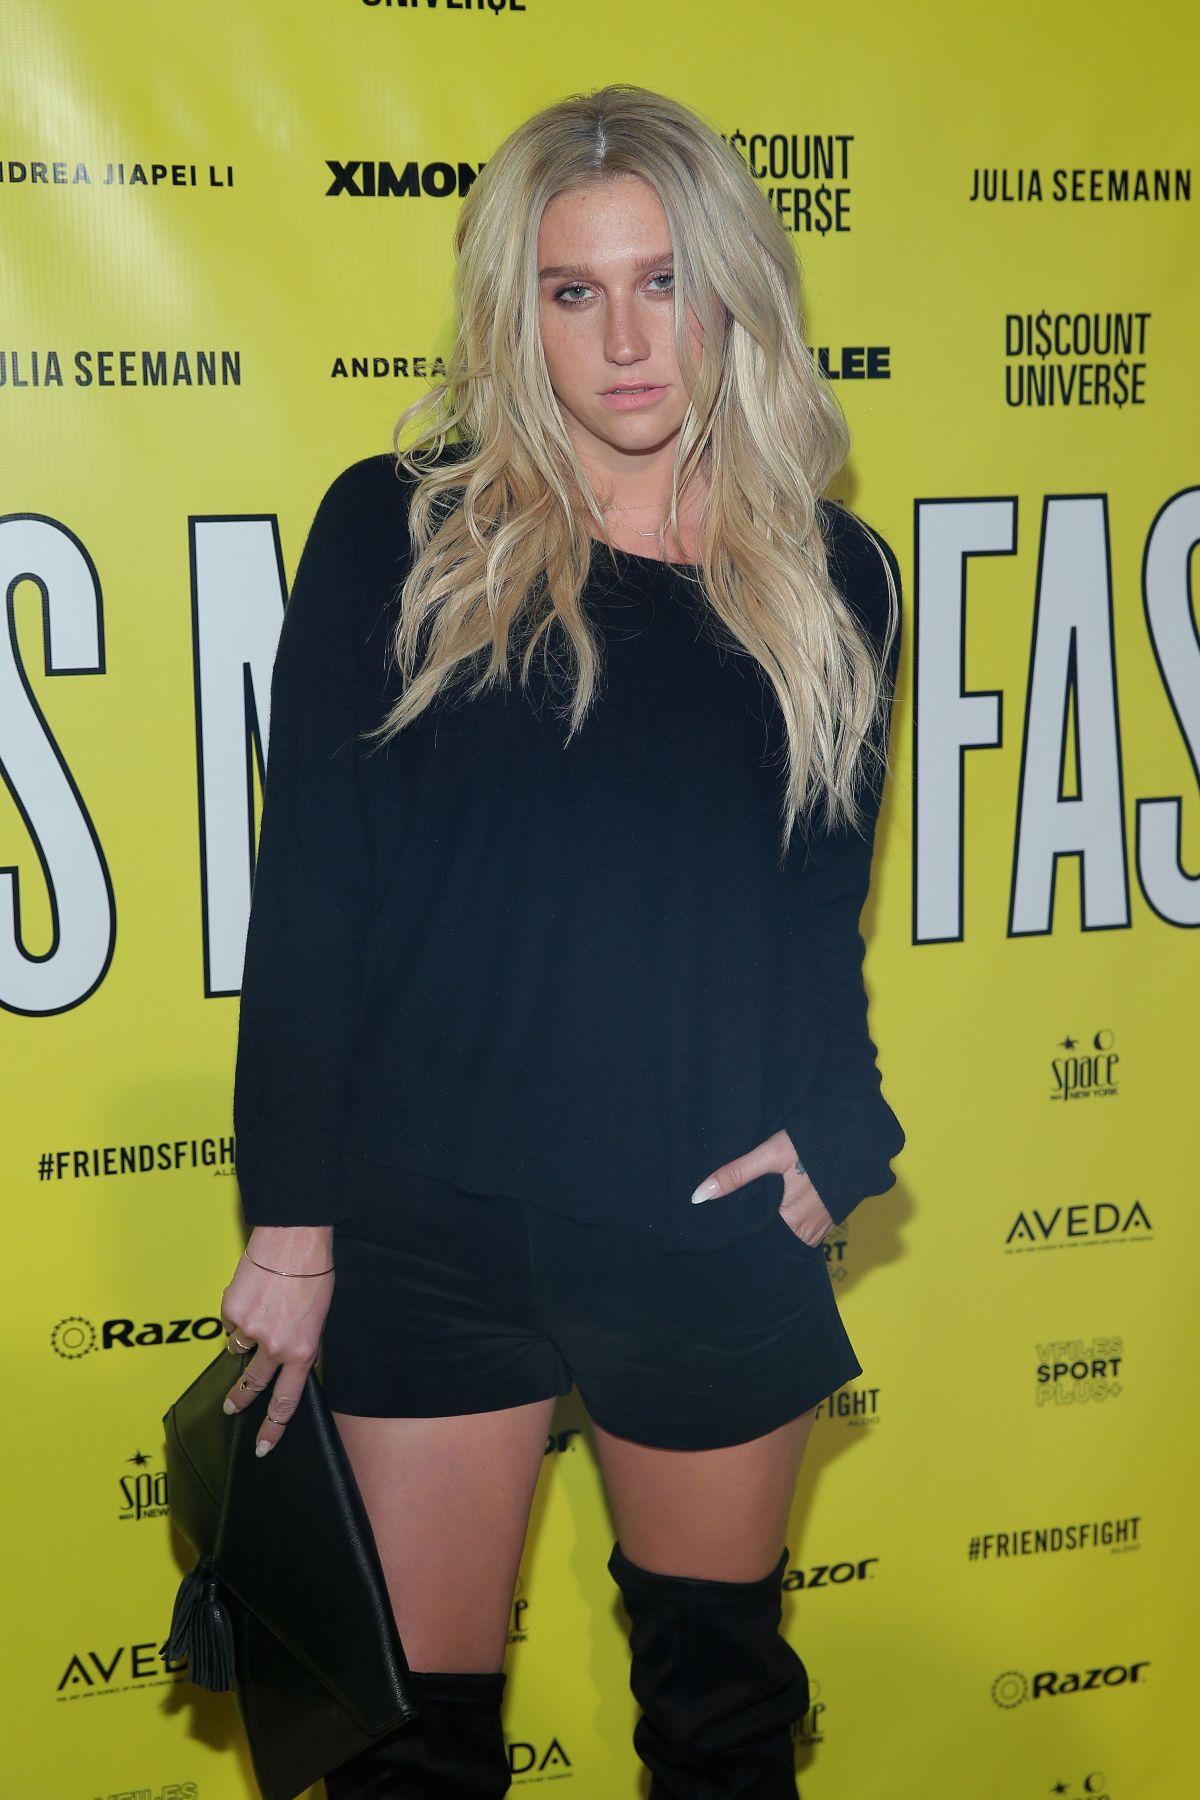 KESAH at Vfiles Made Fashion Show at 2015 MBFW in New York